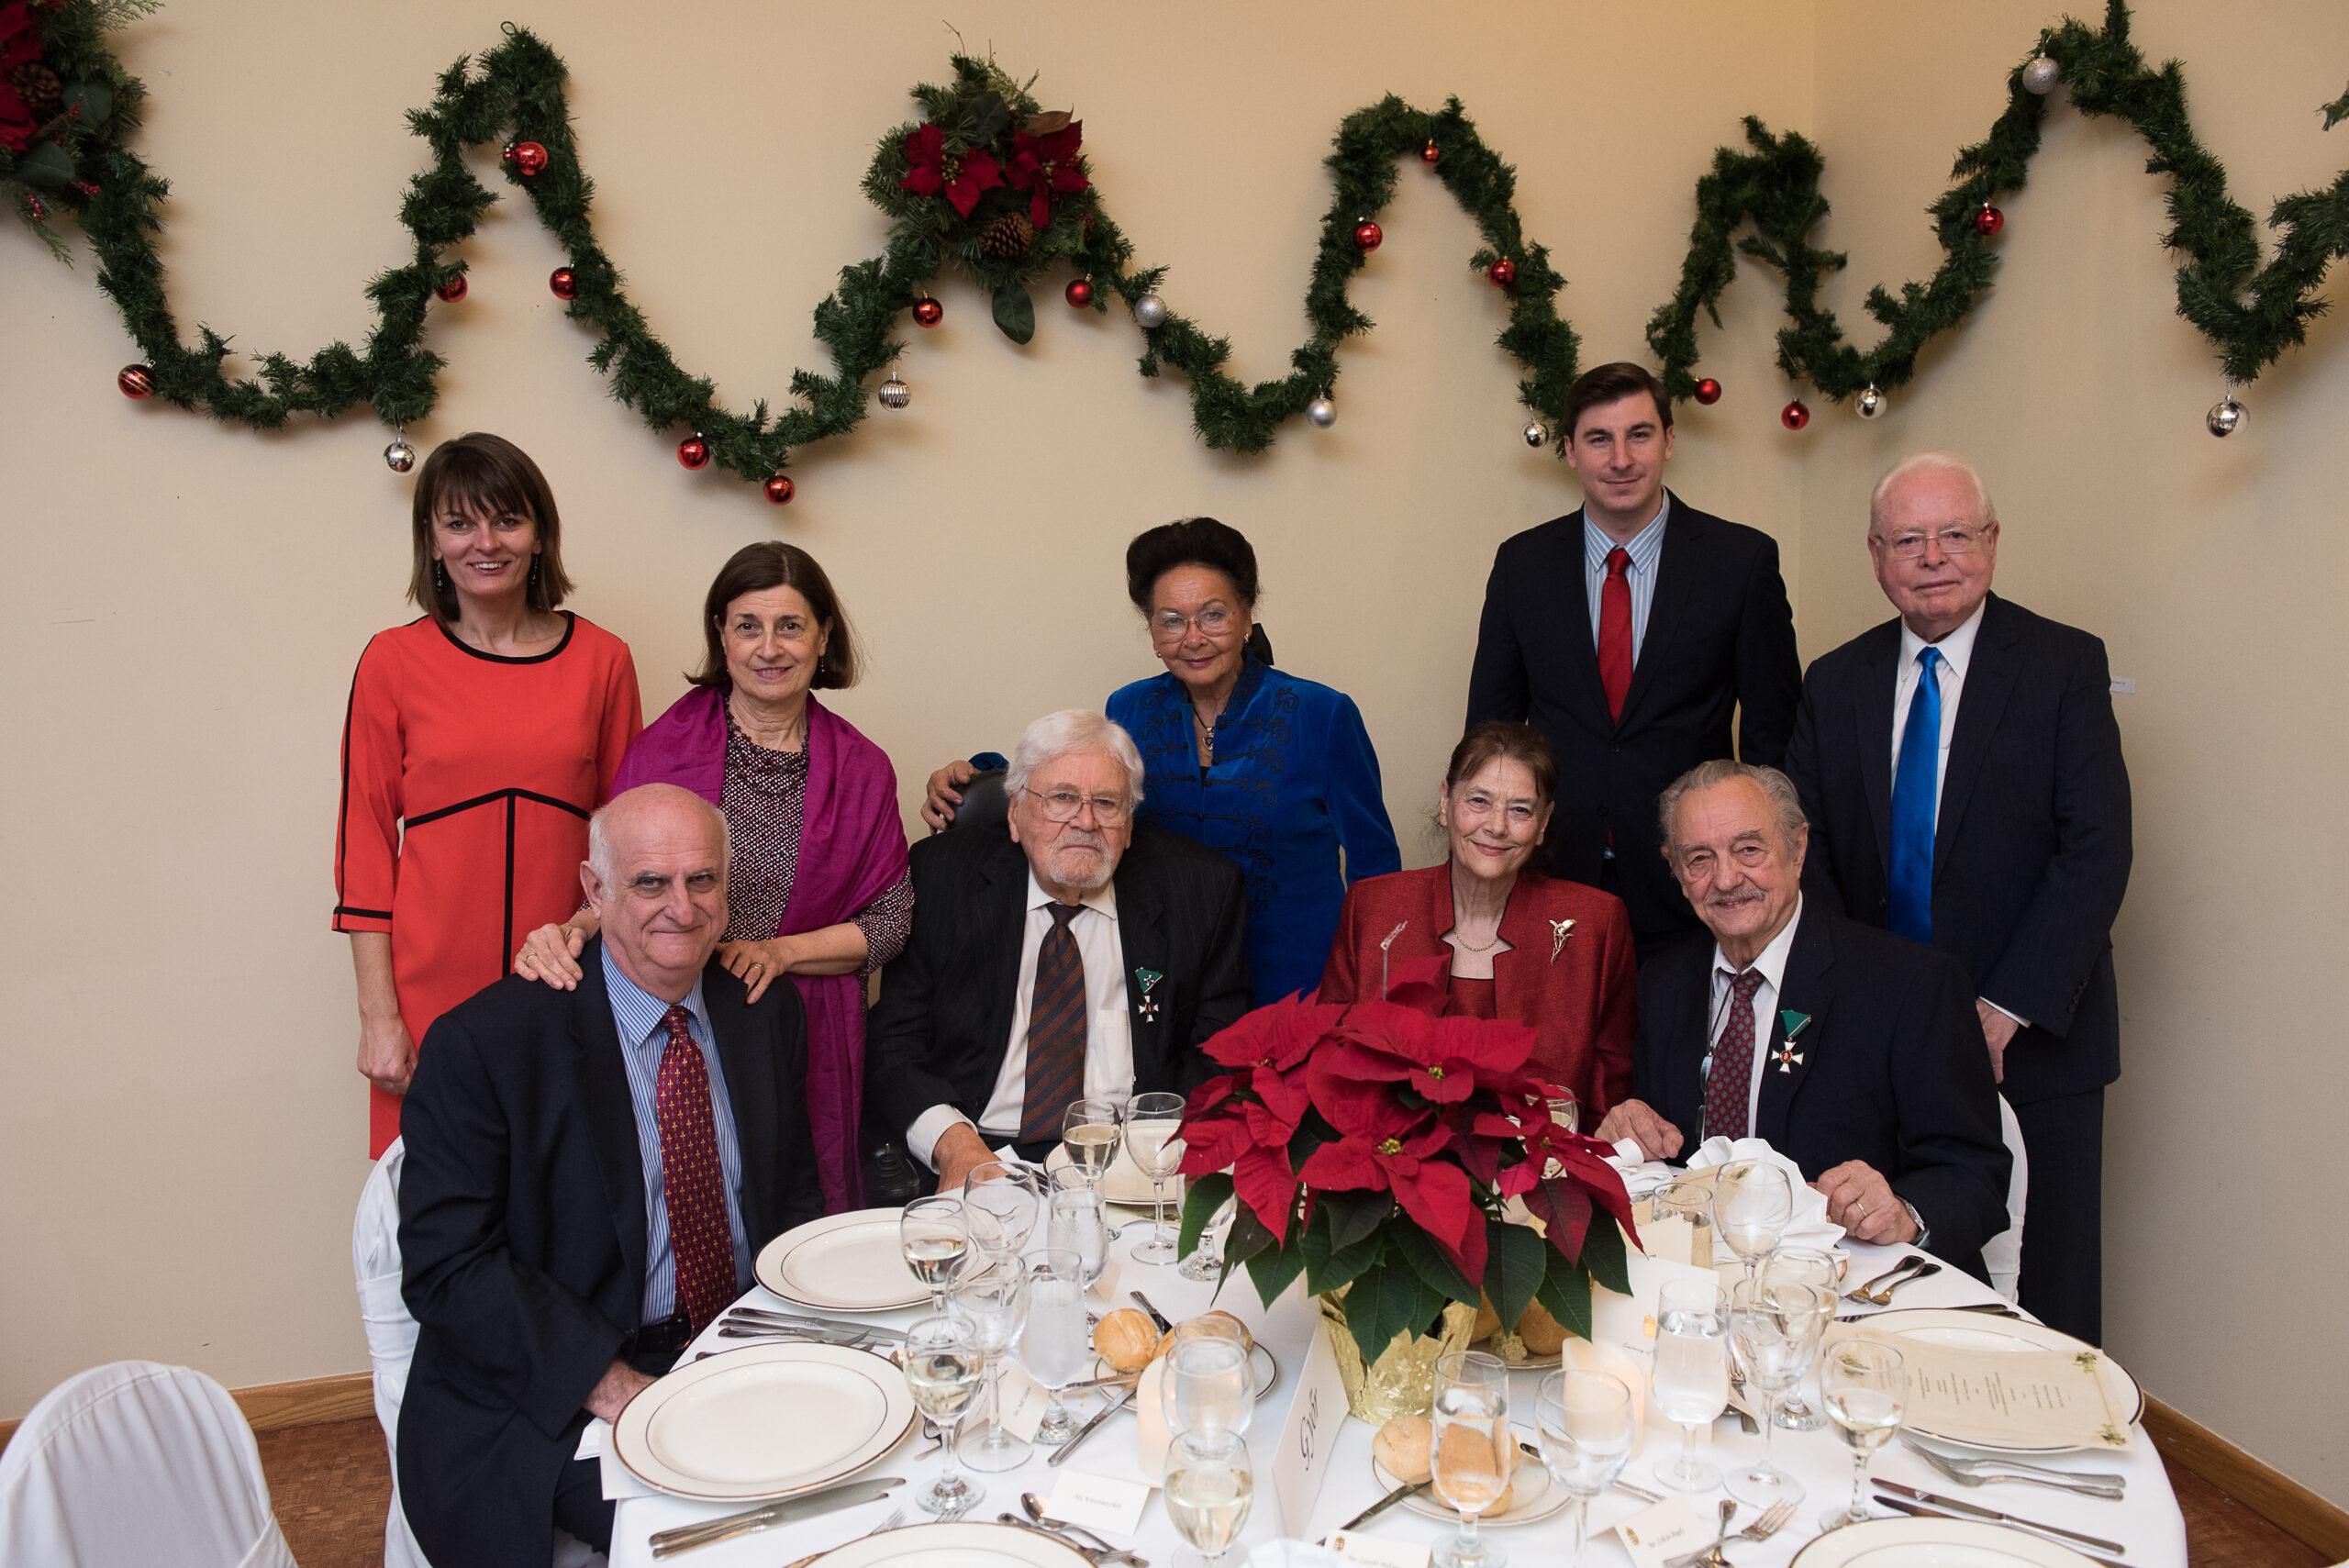 Coalition members and guests at the dinner -Ms. Krisztina Oláh, Mrs. Judit Szekeres, Mrs. Georgianna Bőjtös, Former CIP intern László Baksay, Mr. Zoltán Bagdy, Mr. János Szekeres, Mr. László Bőjtös (Honorary Consul of Ohio), Mrs. Ágnes Fülöp, Coalition VP László Fülöp